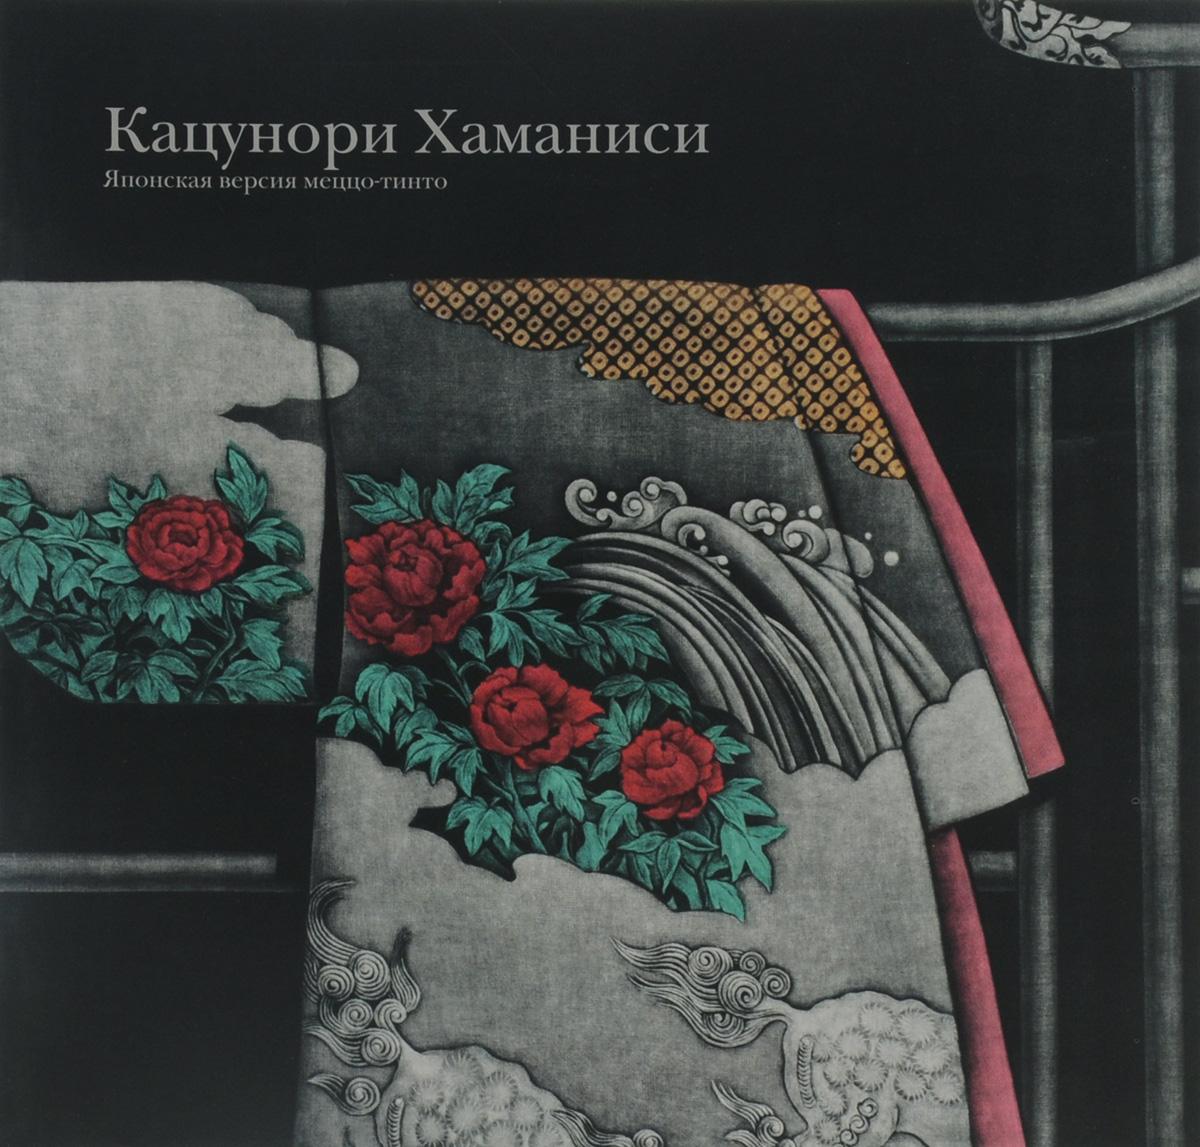 Кацунори Хаманиси. Японская версия меццо-тинто t t haid et filius excudit a v гравюра меццо тинто середина xix века